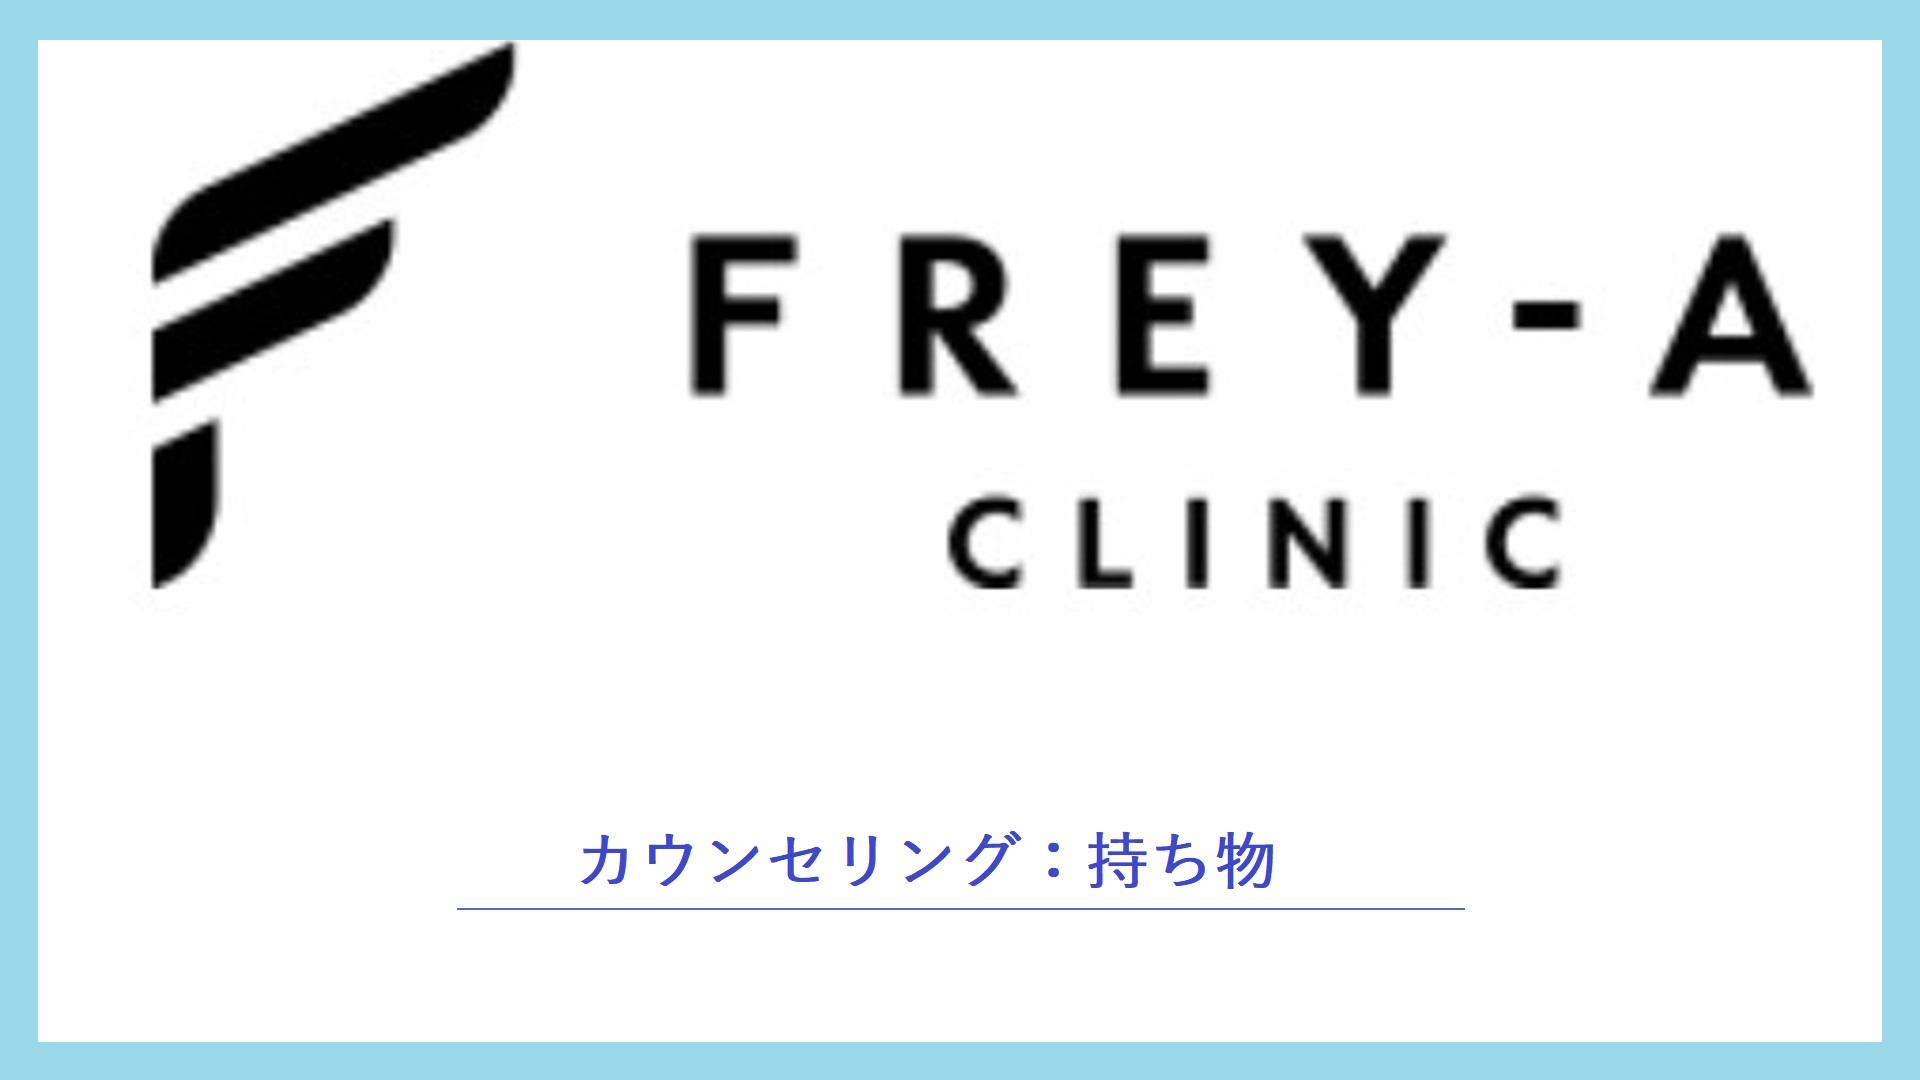 フレイアクリニック(持ち物2)